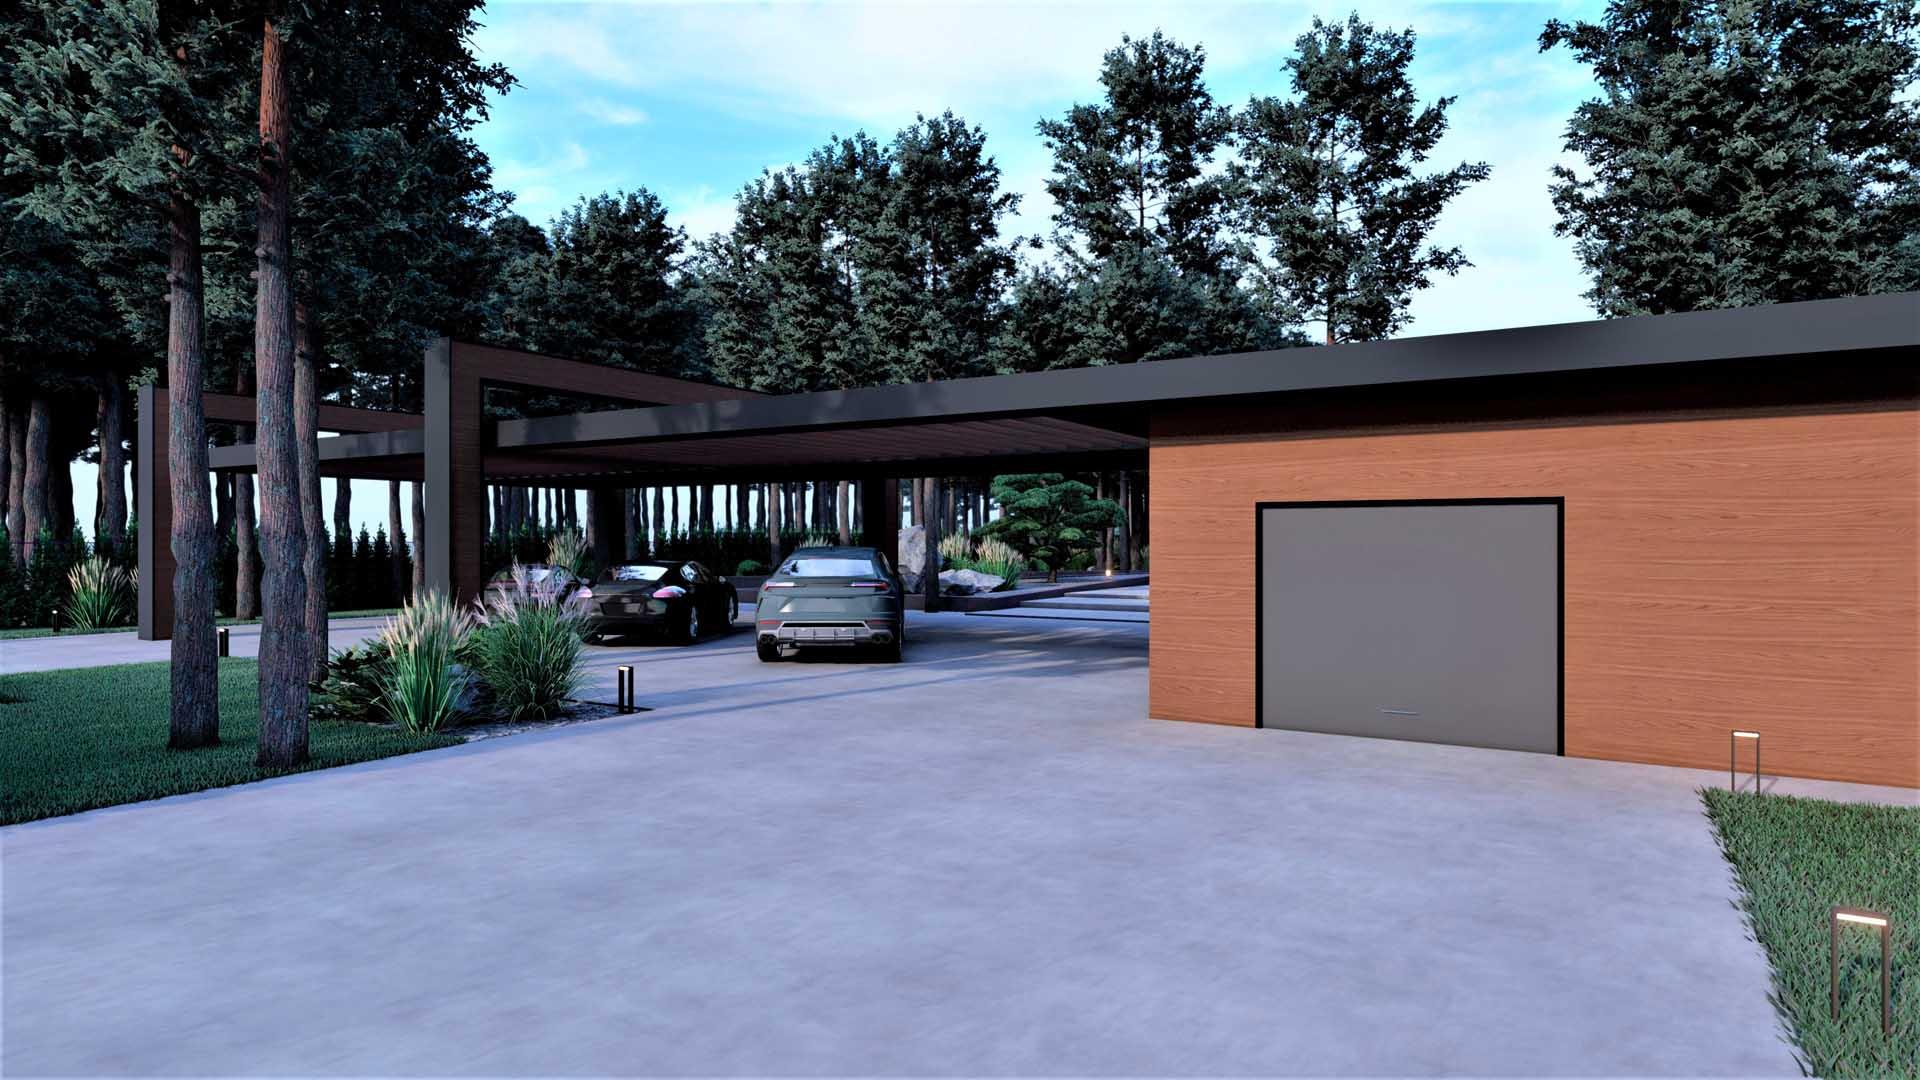 Строительство навесов и оборудование крытых стоянок для автомобилей